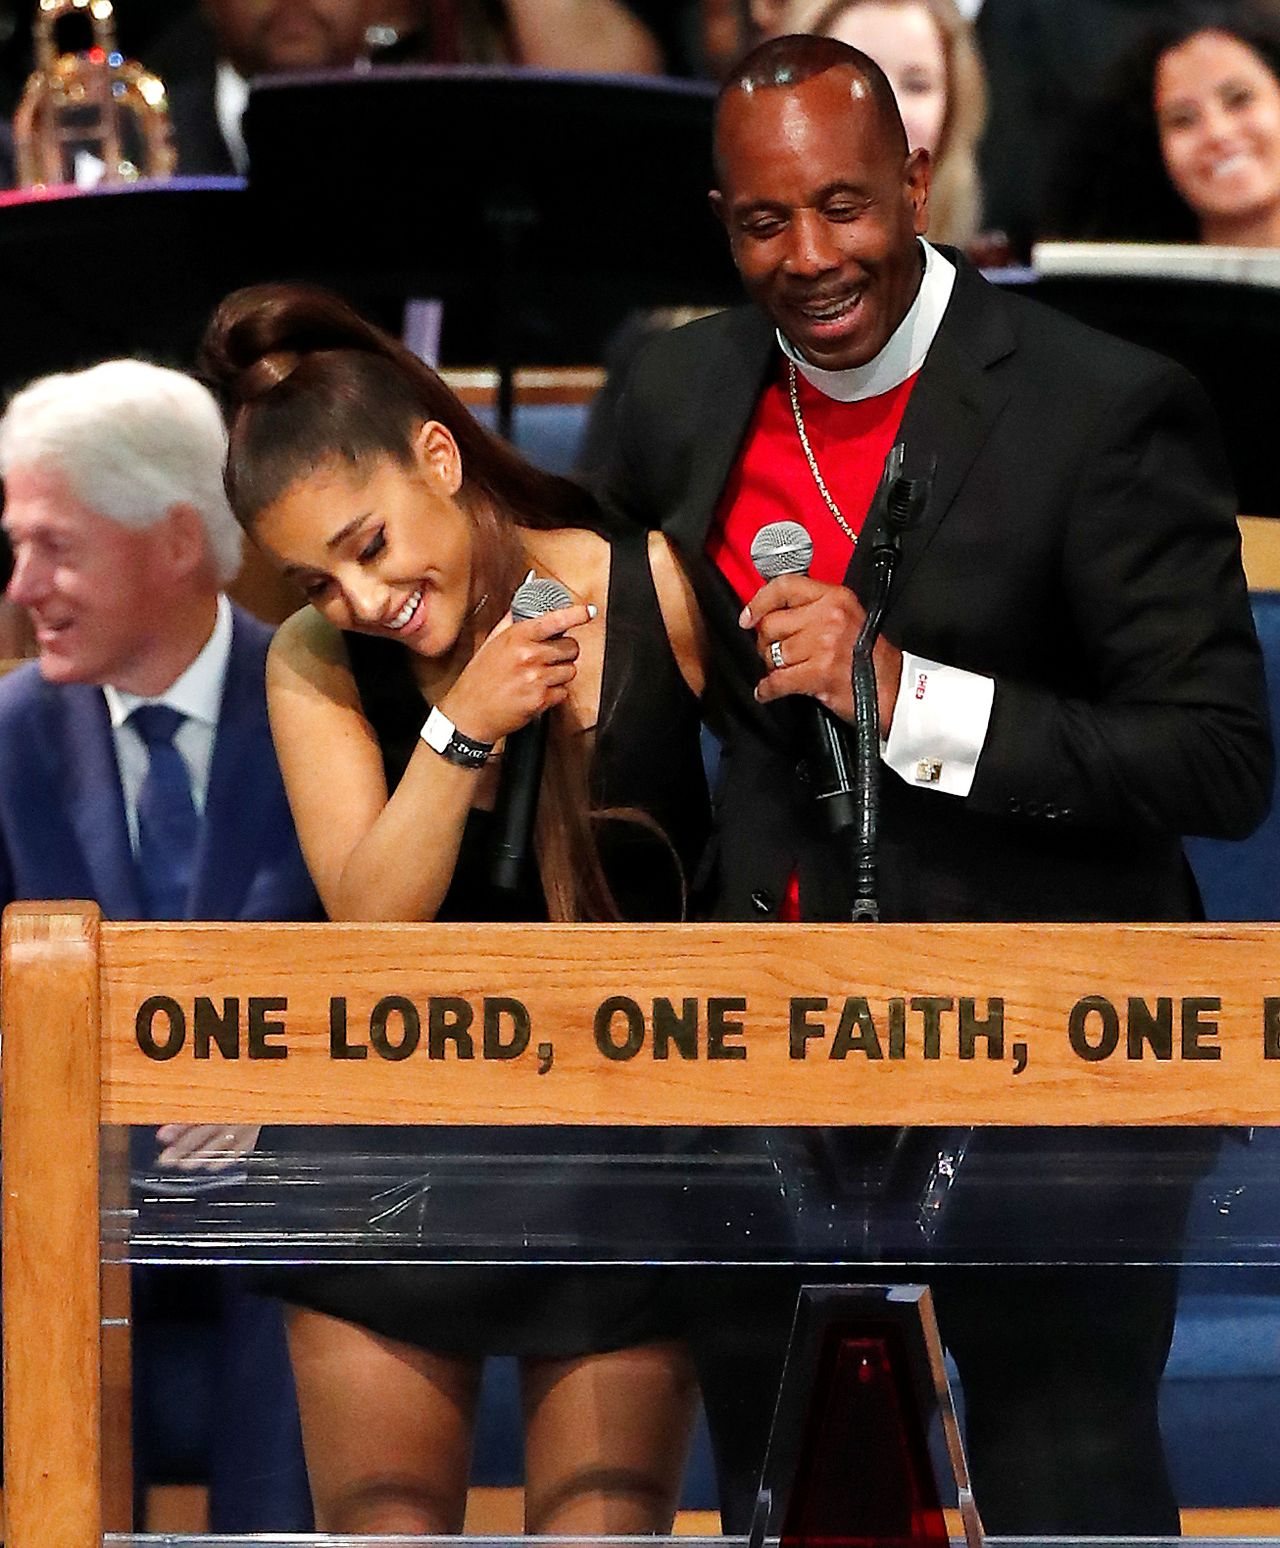 Narzeczony Grande jest WŚCIEKŁY na pastora, który ją obmacywał. Chciał zrobić TO